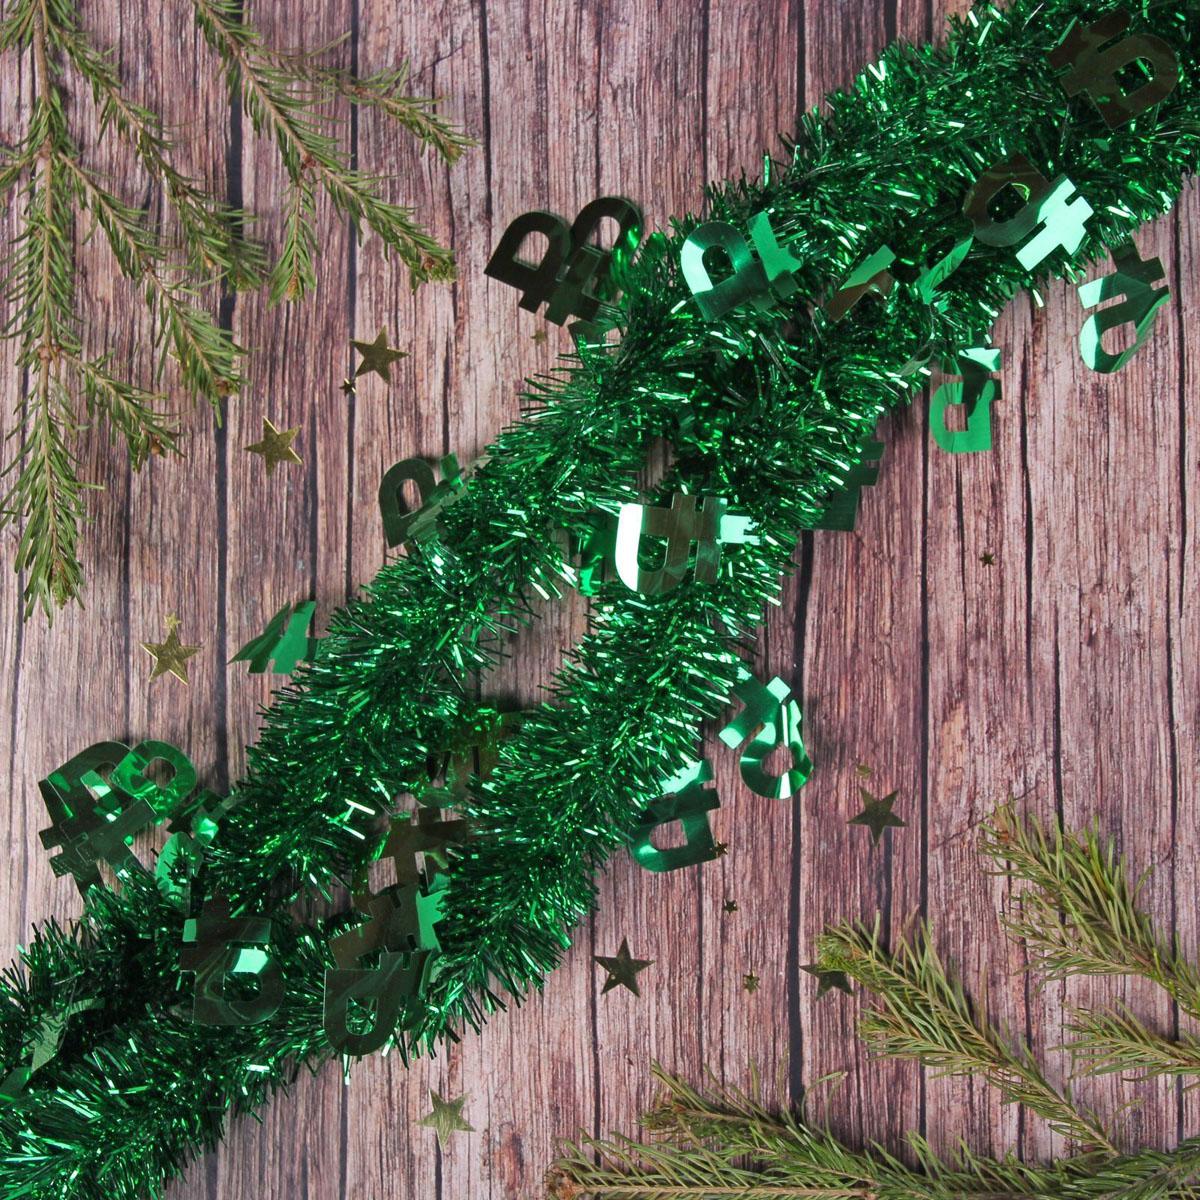 Мишура новогодняя Sima-land Рубль, цвет: зеленый, диаметр 5 см, длина 2 м. 23176422484600Мишура новогодняя Sima-land, выполненная из фольги с фигурками, поможет вам украсить свой дом к предстоящим праздникам.Новогодней мишурой можно украсить все, что угодно - елку, квартиру, дачу, офис -как внутри, так и снаружи. Можно сложить новогодние поздравления, буквы ицифры, мишурой можно украсить и дополнить гирлянды, можновыделить дверные колонны, оплести дверные проемы.Мишура принесет в ваш дом ни с чем несравнимое ощущение праздника! Создайтев своем доме атмосферу тепла, веселья и радости, украшая его всей семьей.